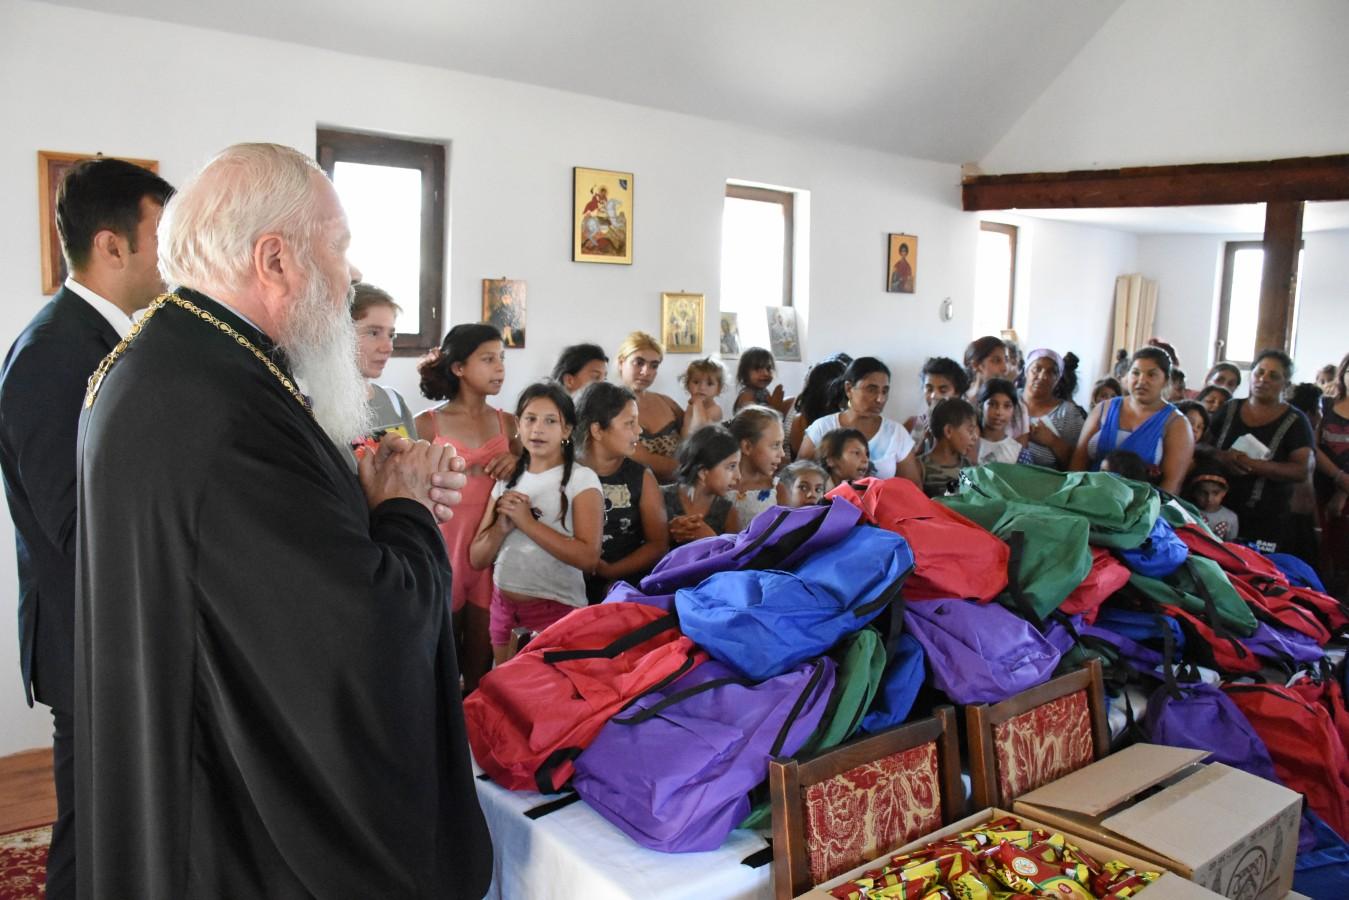 275 de ghiozdane cu rechizite pentru copiii rromi de la Pata Rât, dăruite de Mitropolitul Andrei